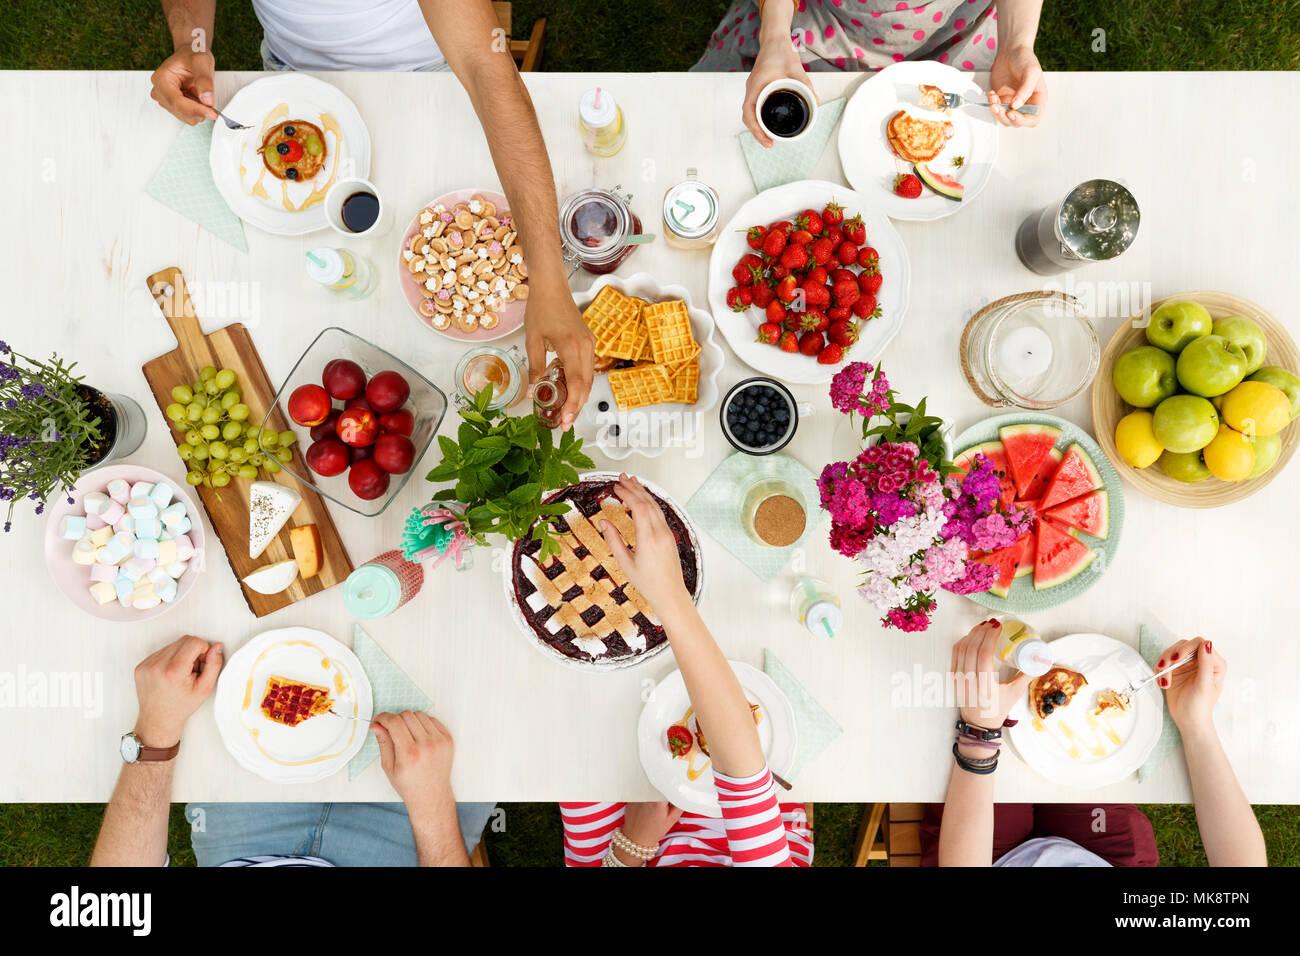 Picnic al aire libre para los jóvenes estudiantes que comparten la comida y comer fruta, pasteles y gofres fuera Imagen De Stock